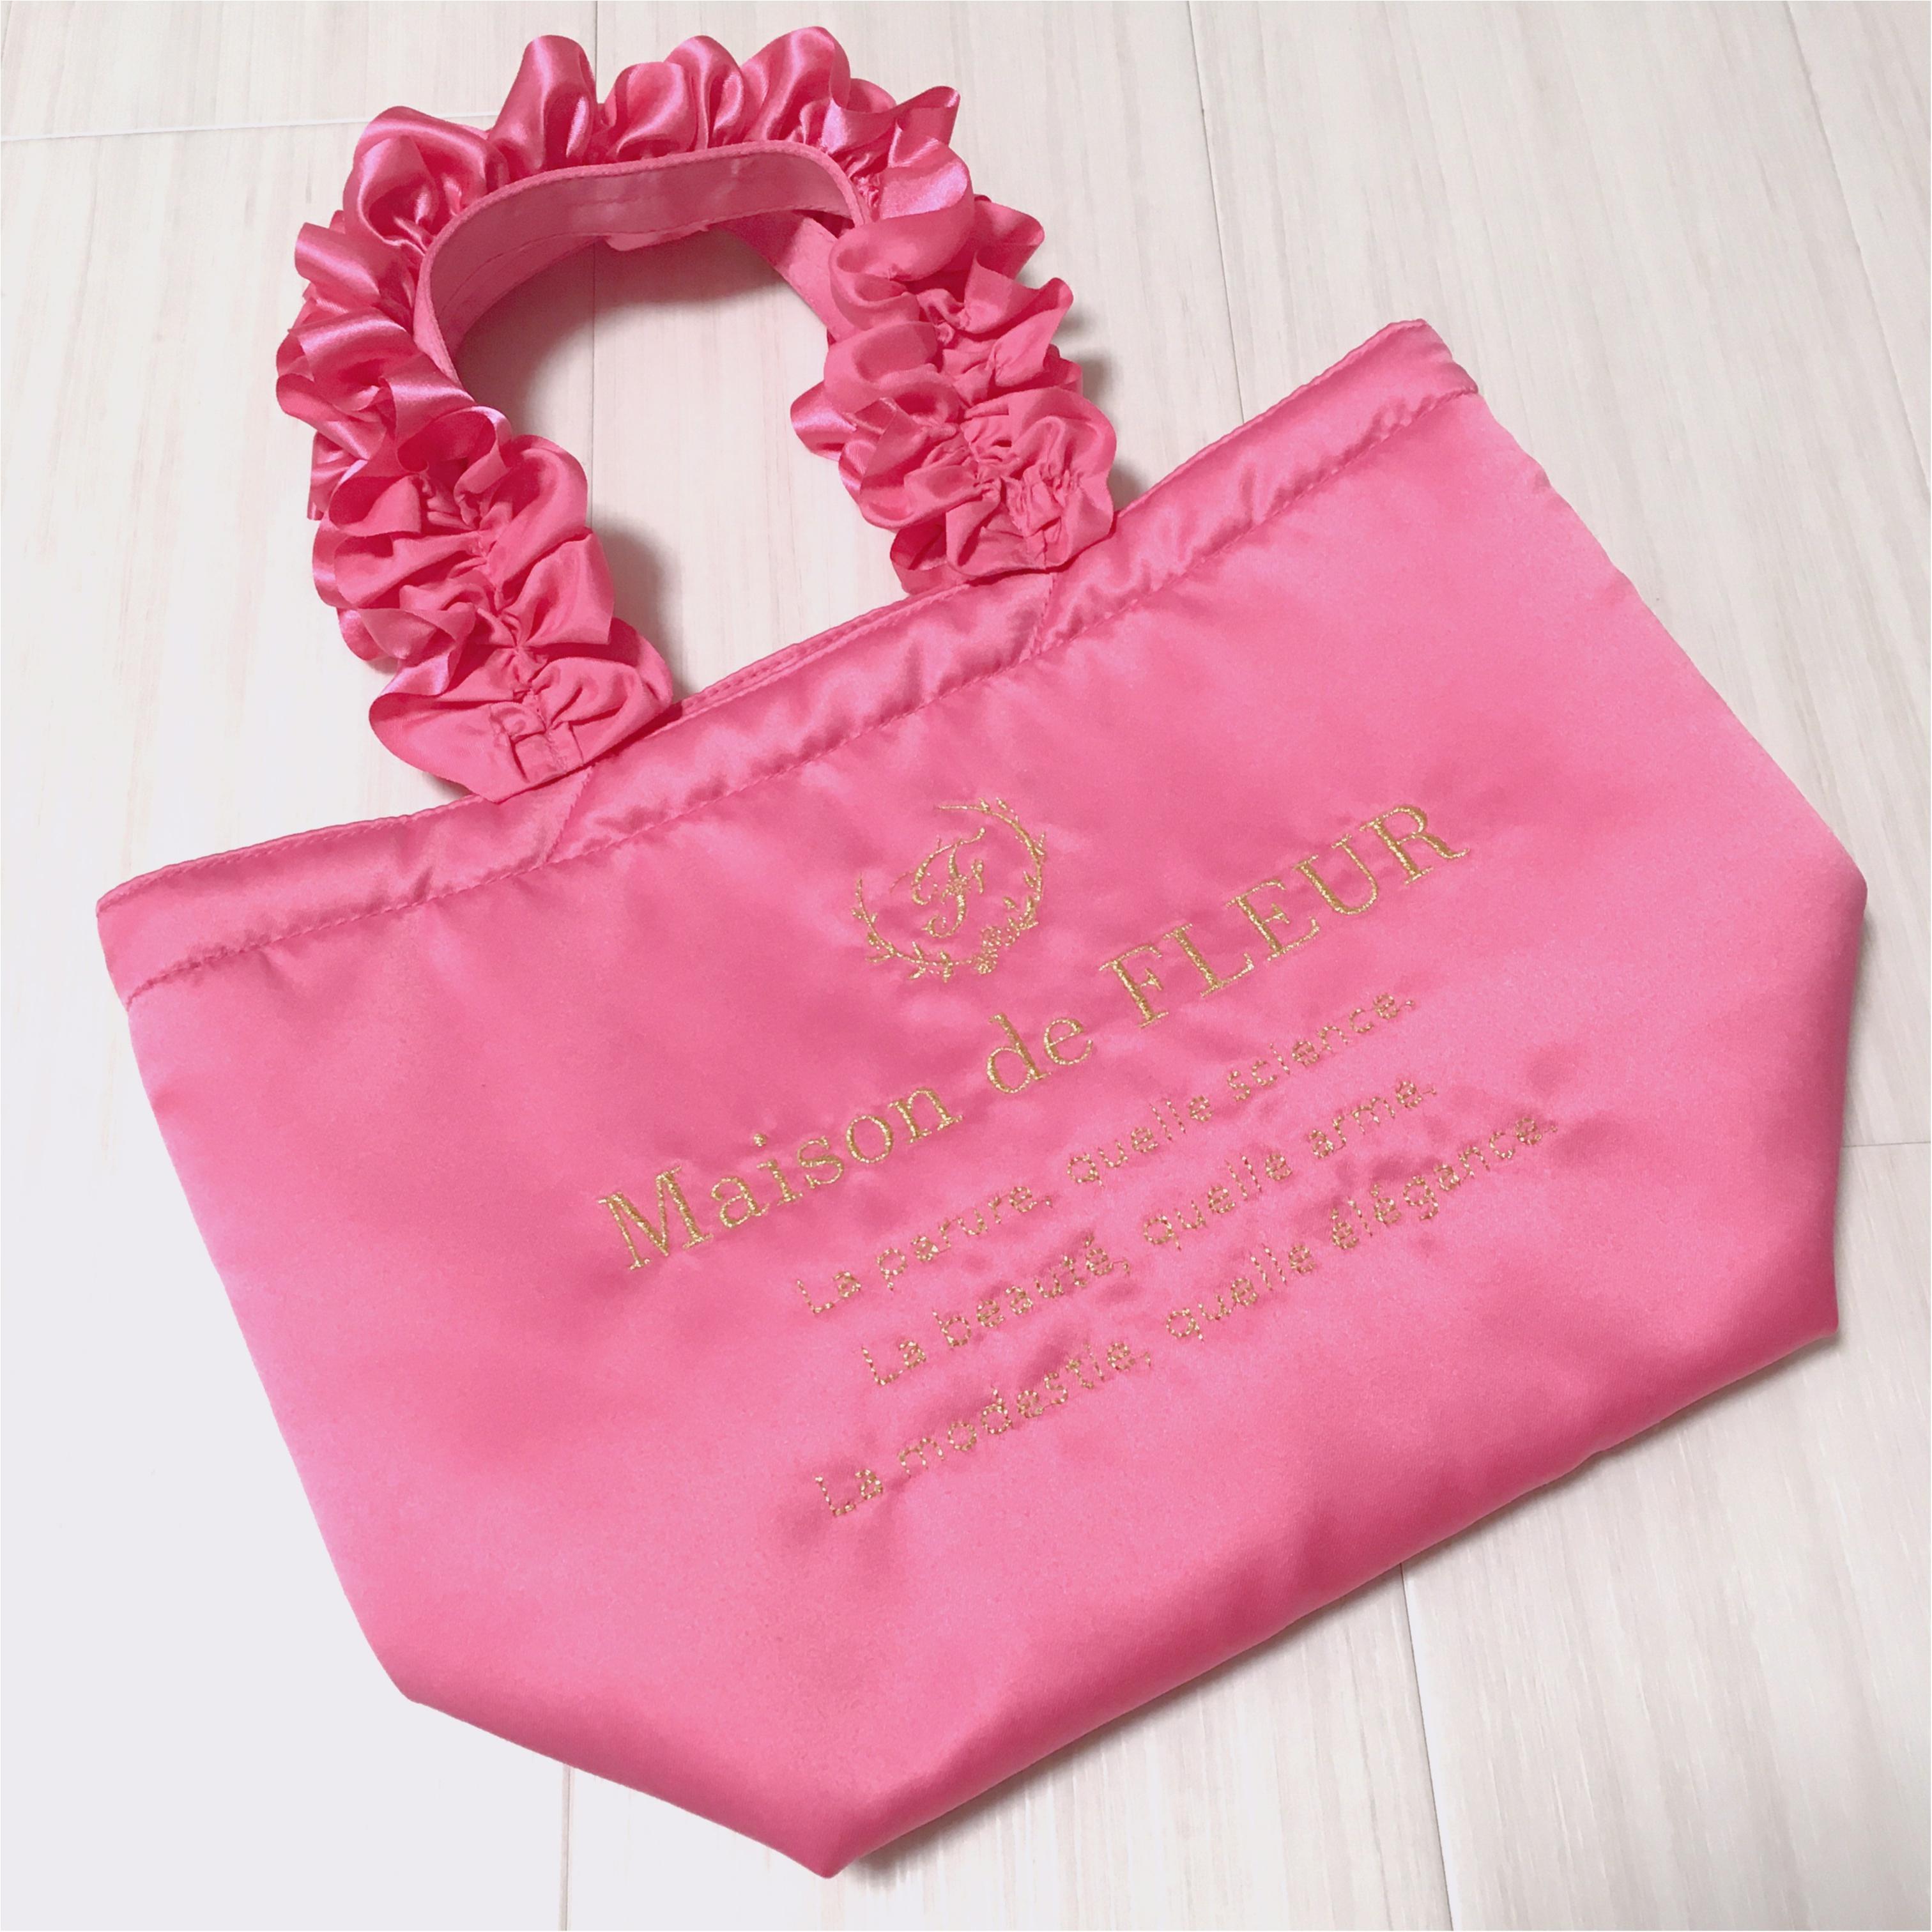 大人気!ピンクに囲まれる幸せ ♡ メゾンドフルールの《 ピンクマニア 》をGetしました♡_2